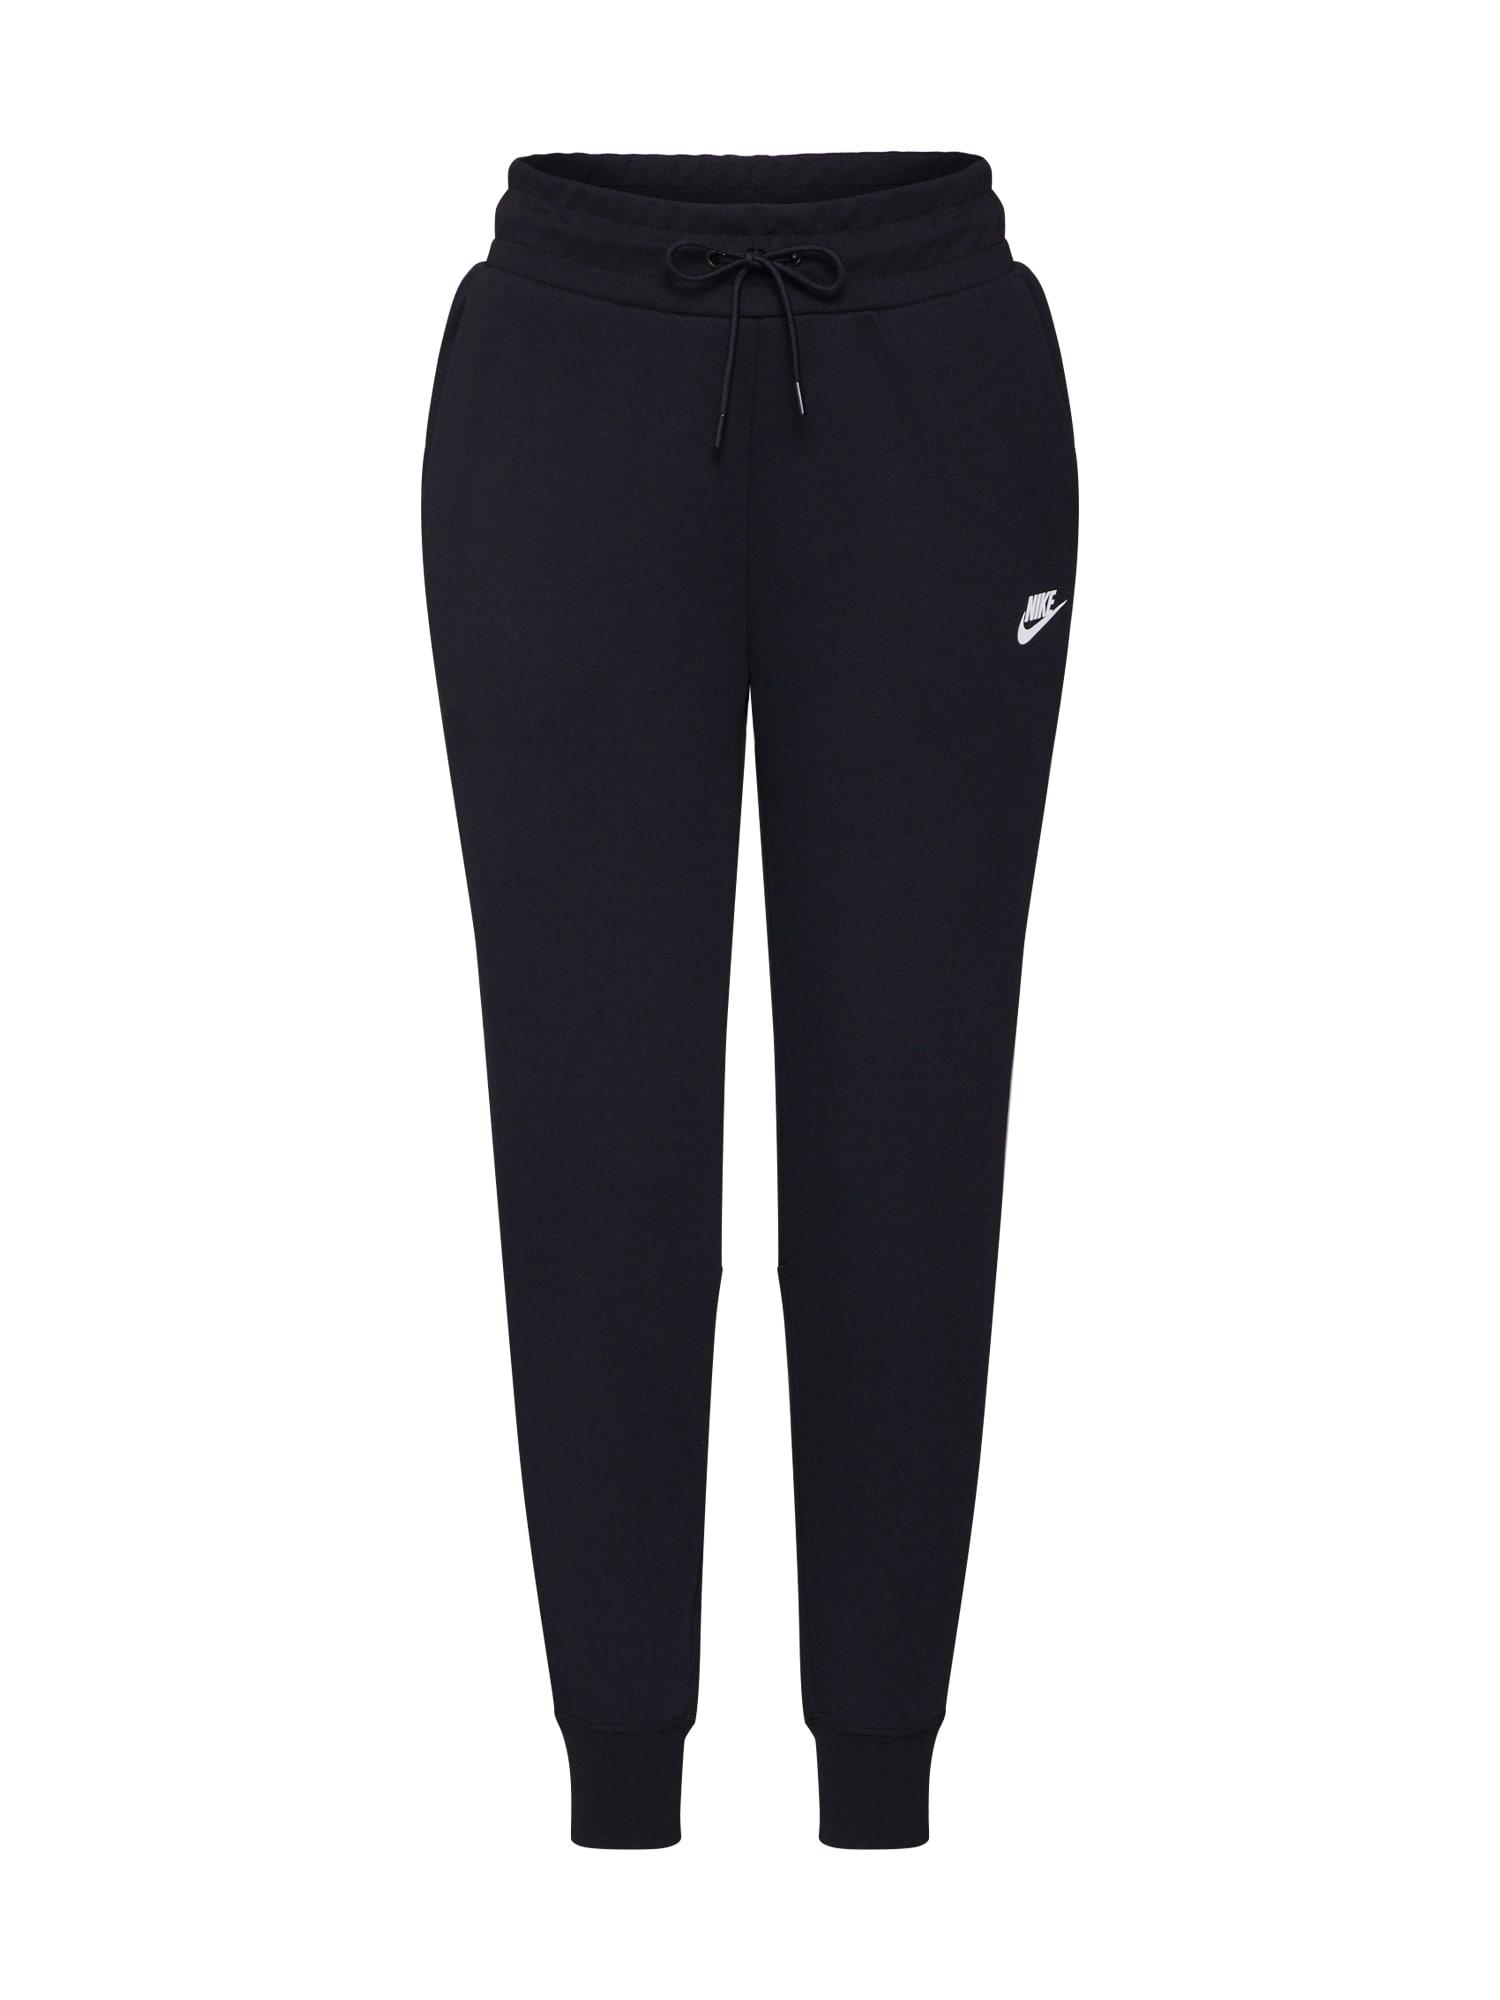 Nike Sportswear Kelnės 'Tech Fleece' juoda